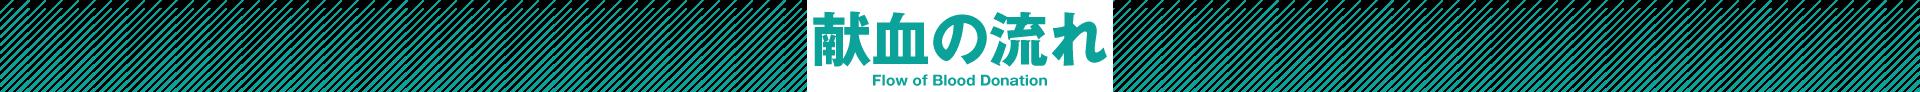 献血の流れ